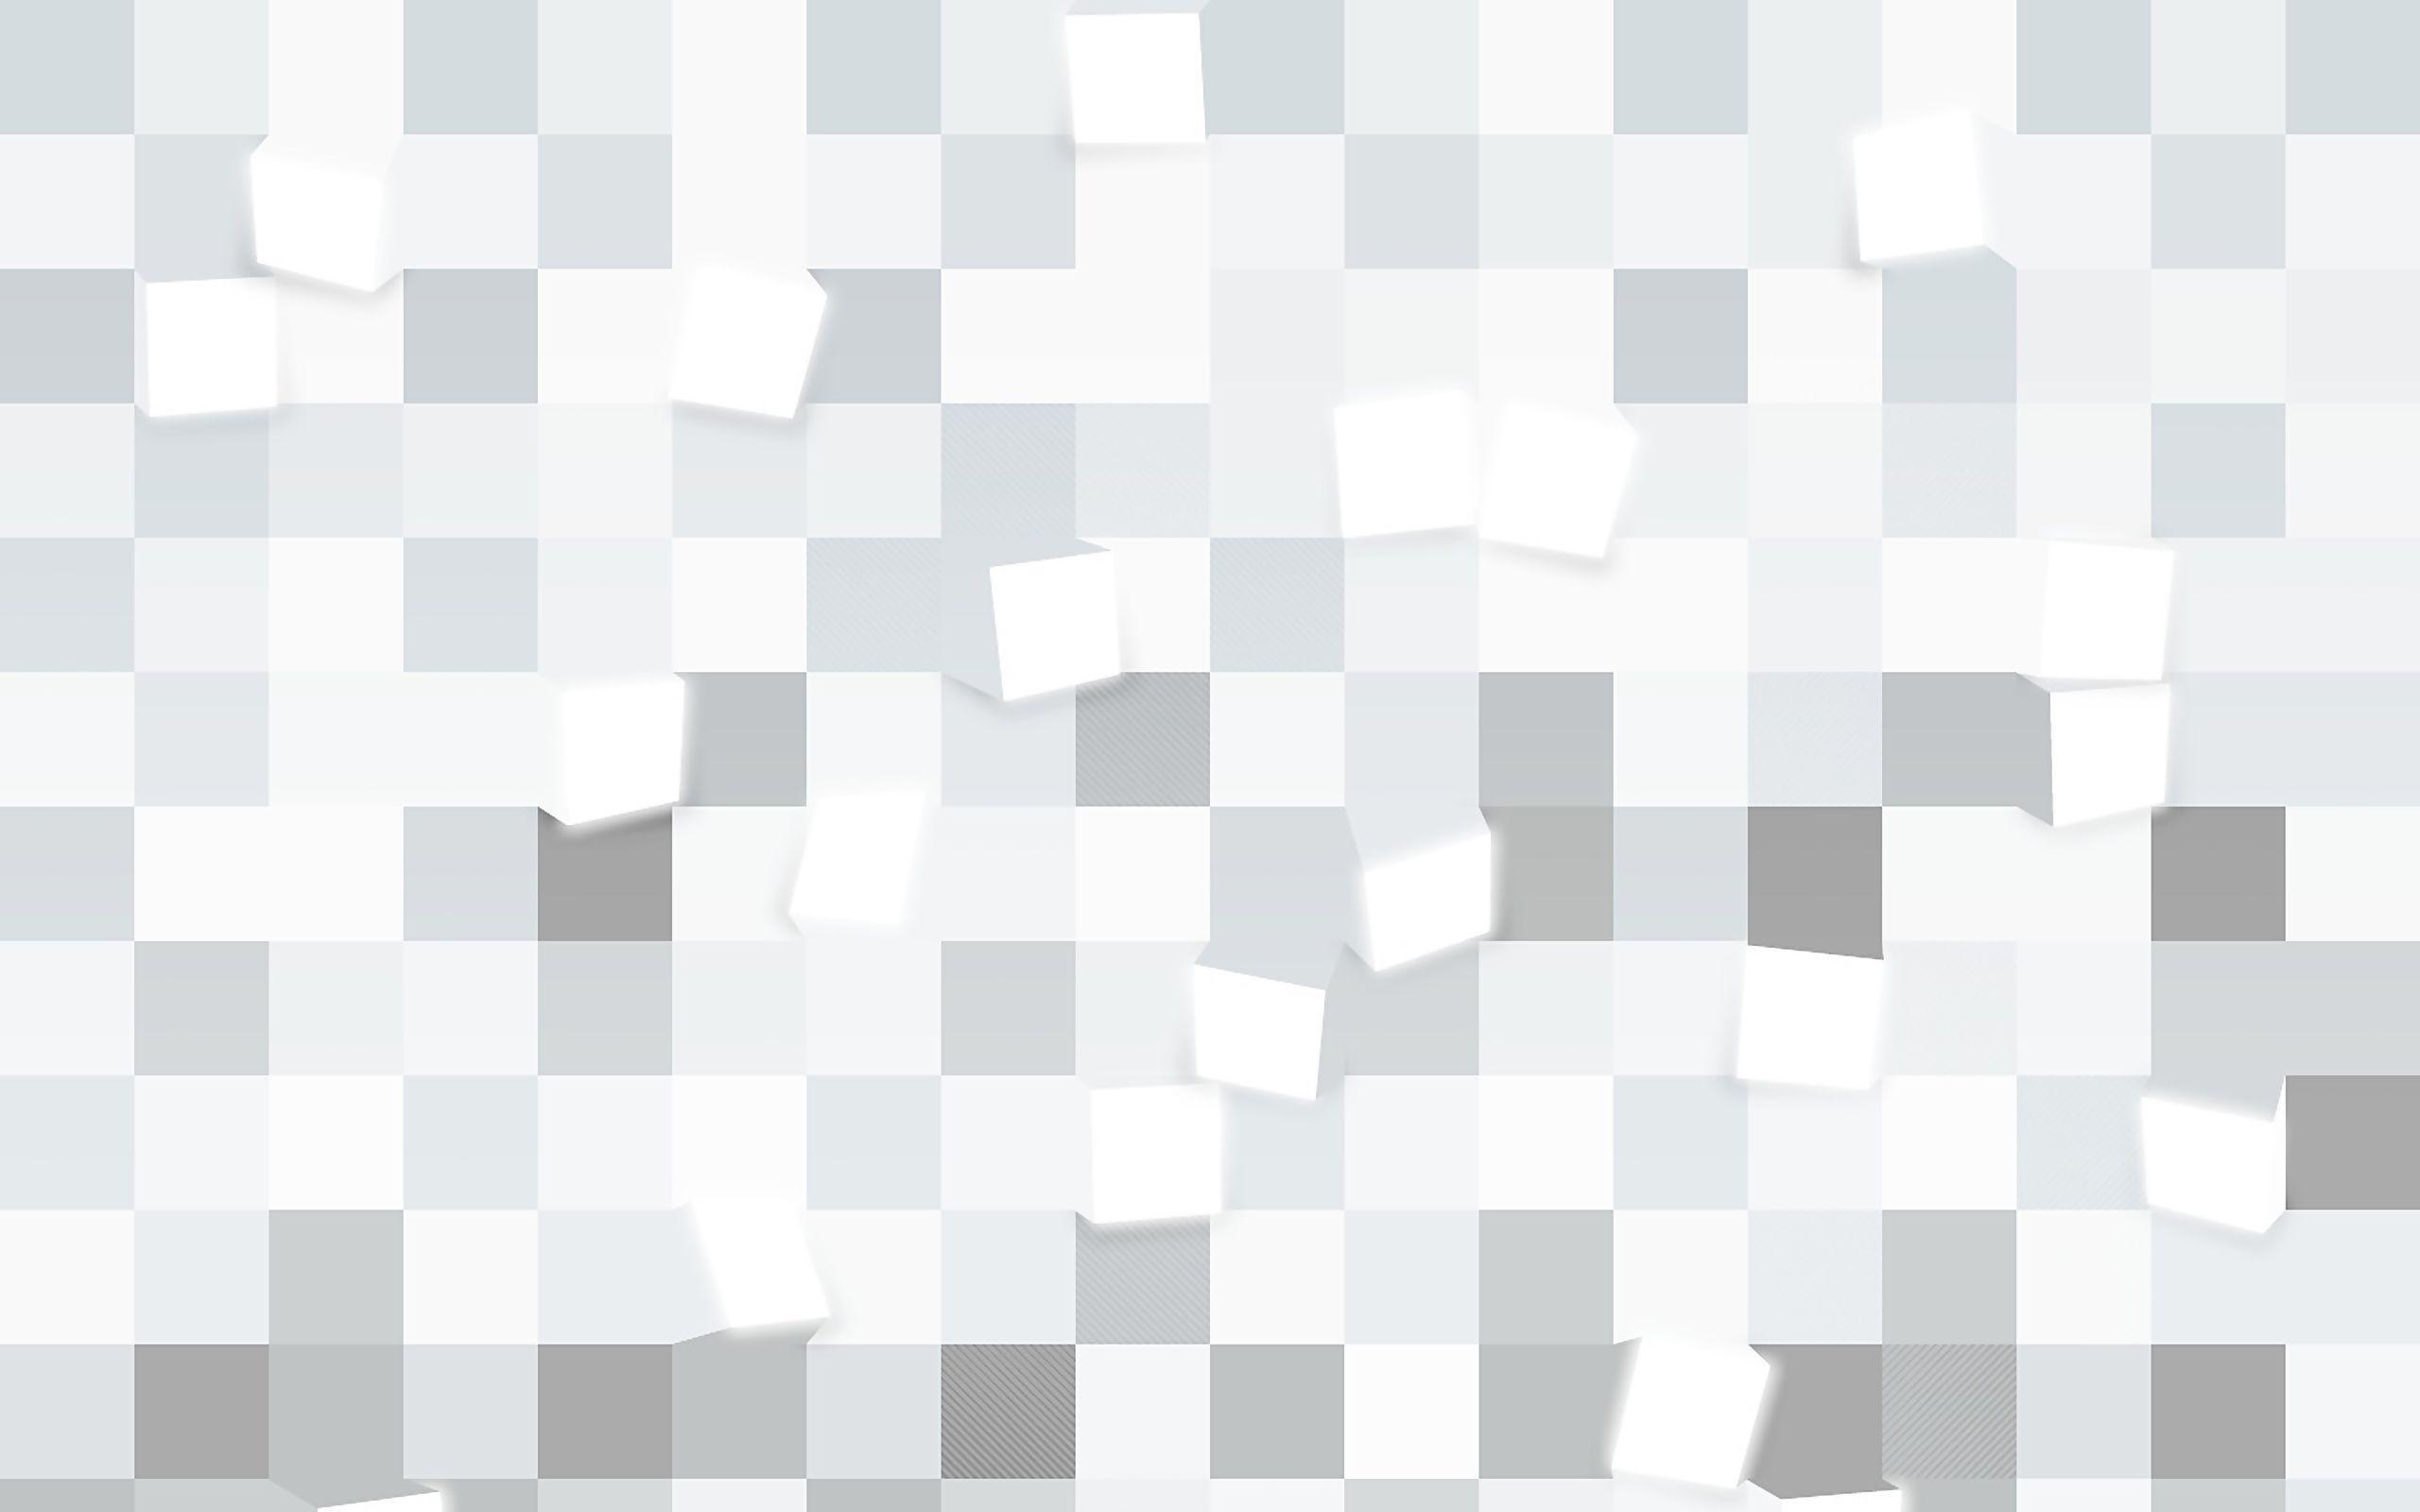 Unduh 1000 Wallpaper Abstrak Putih Hd  Terbaru